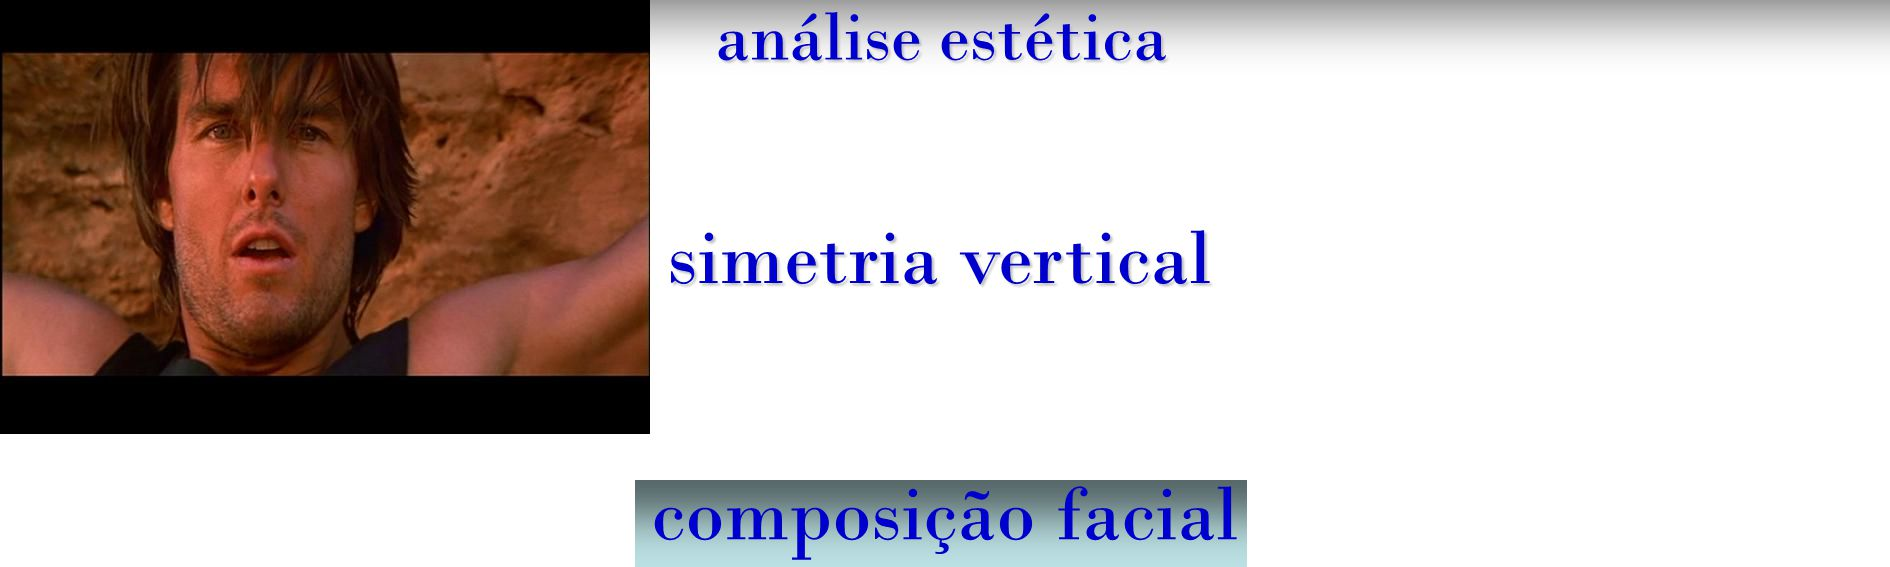 análise estética composição dental linhas interincisais